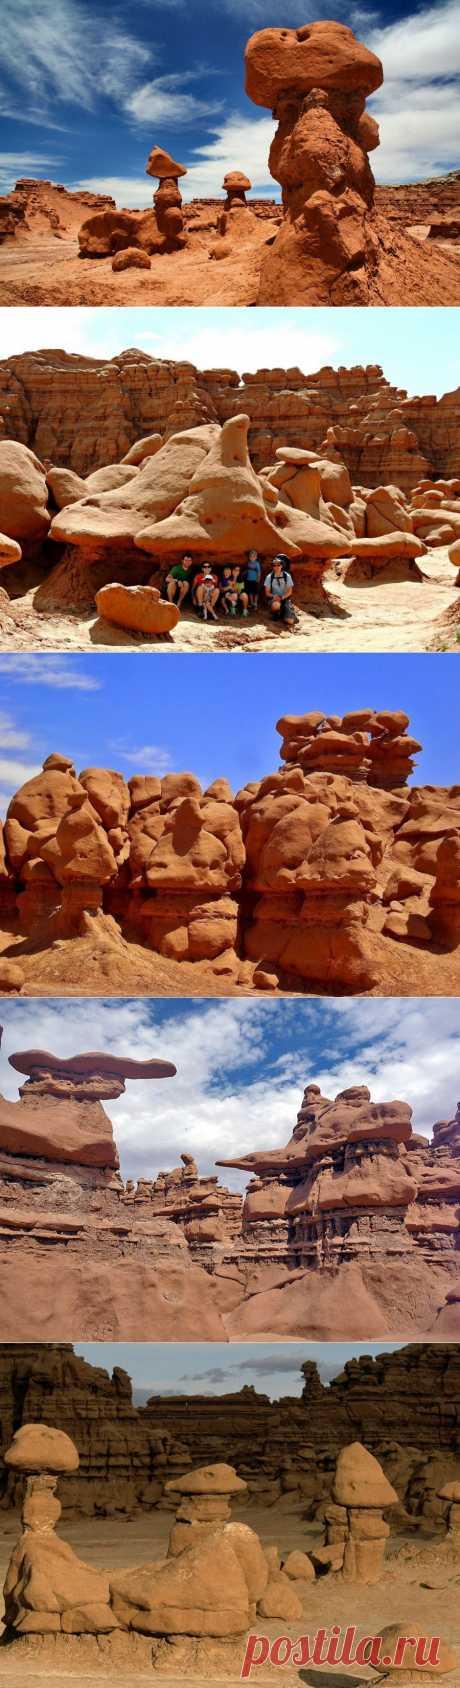 Долина Гоблинов: фантастический мир камней